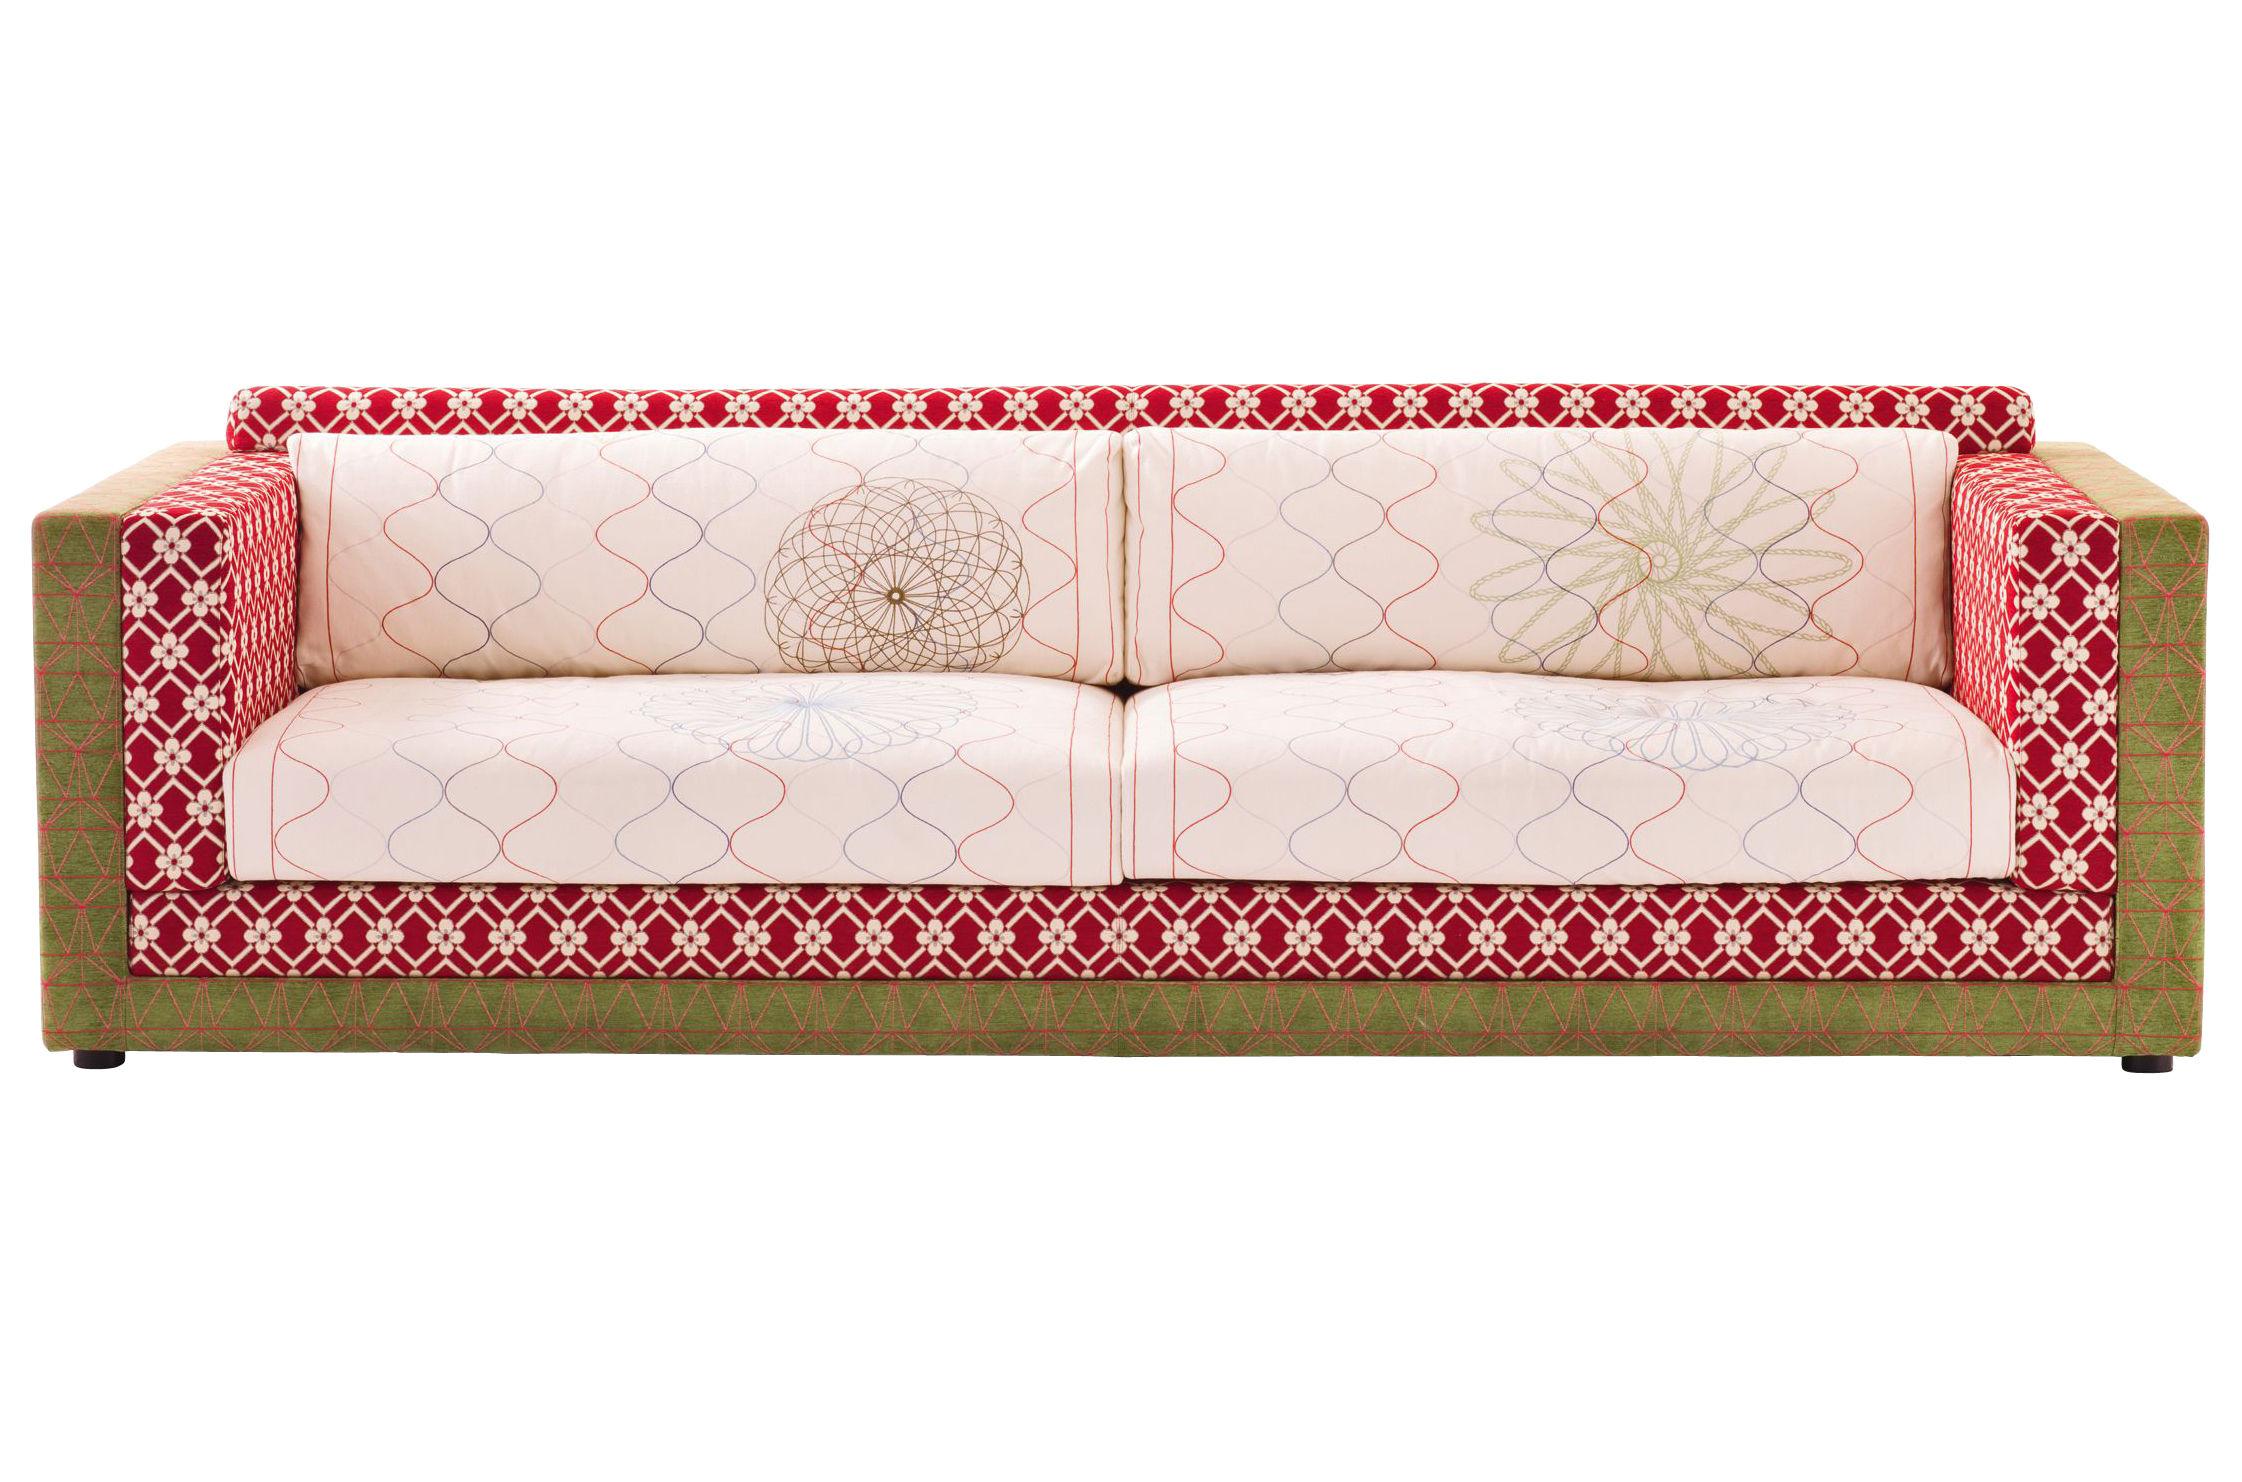 Mobilier - Canapés - Canapé droit Sushi - Karmakoma / 3 places - L 210 cm - Moroso - L 210 cm - Blanc, rouge et vert - Tissu